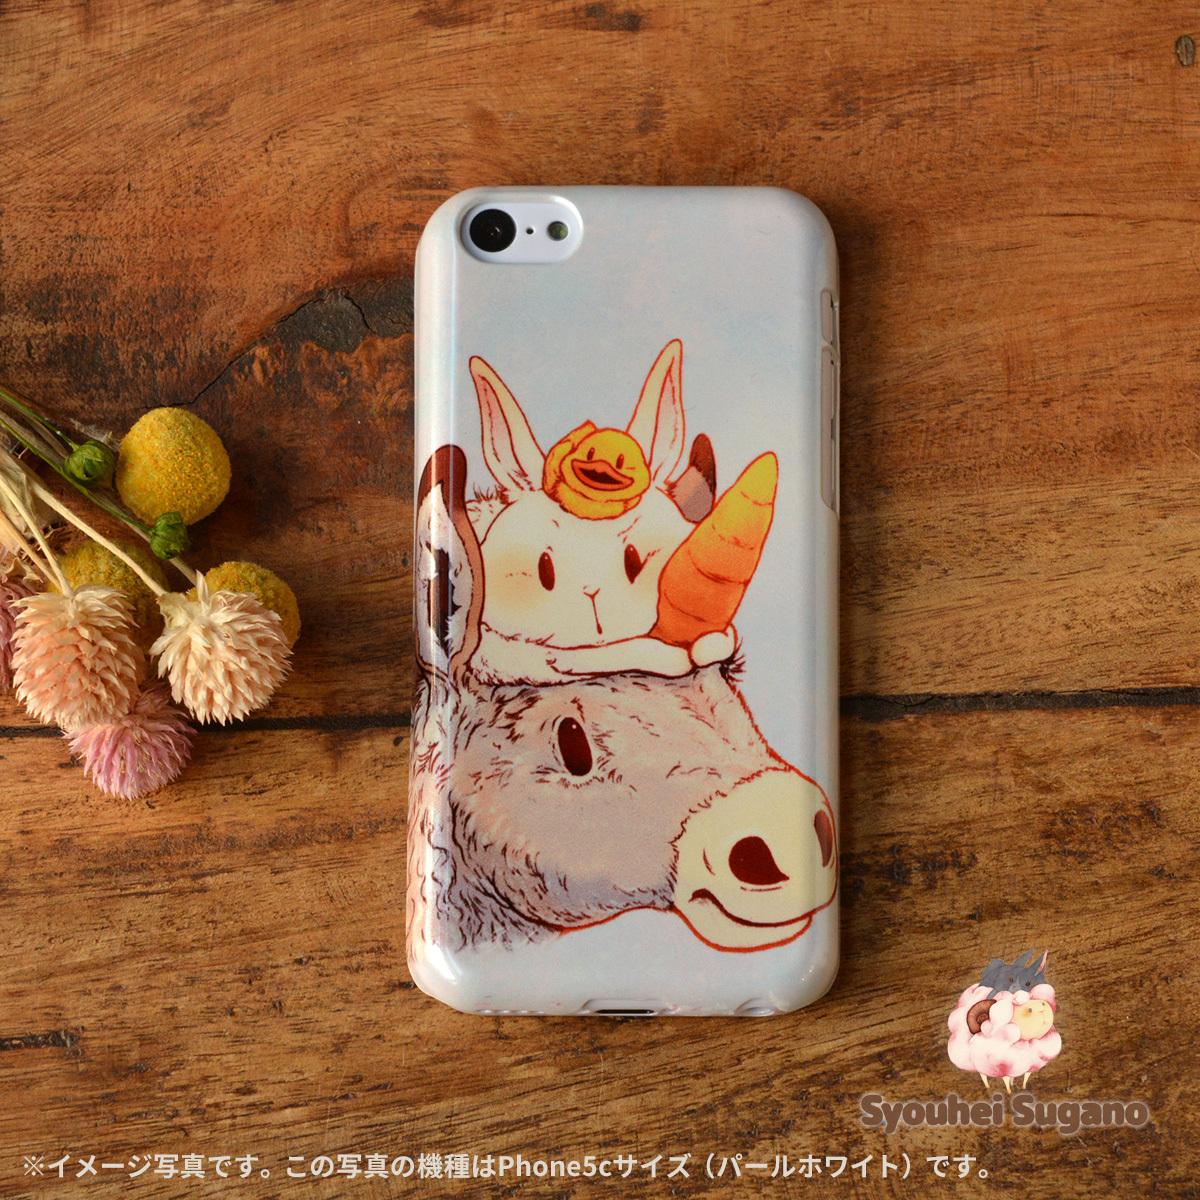 【限定色】アイフォン5c うさぎケース iphone5c ケース うさぎ アイフォン5c ケース うさぎ ユニコーン? /Syouhei Sugano